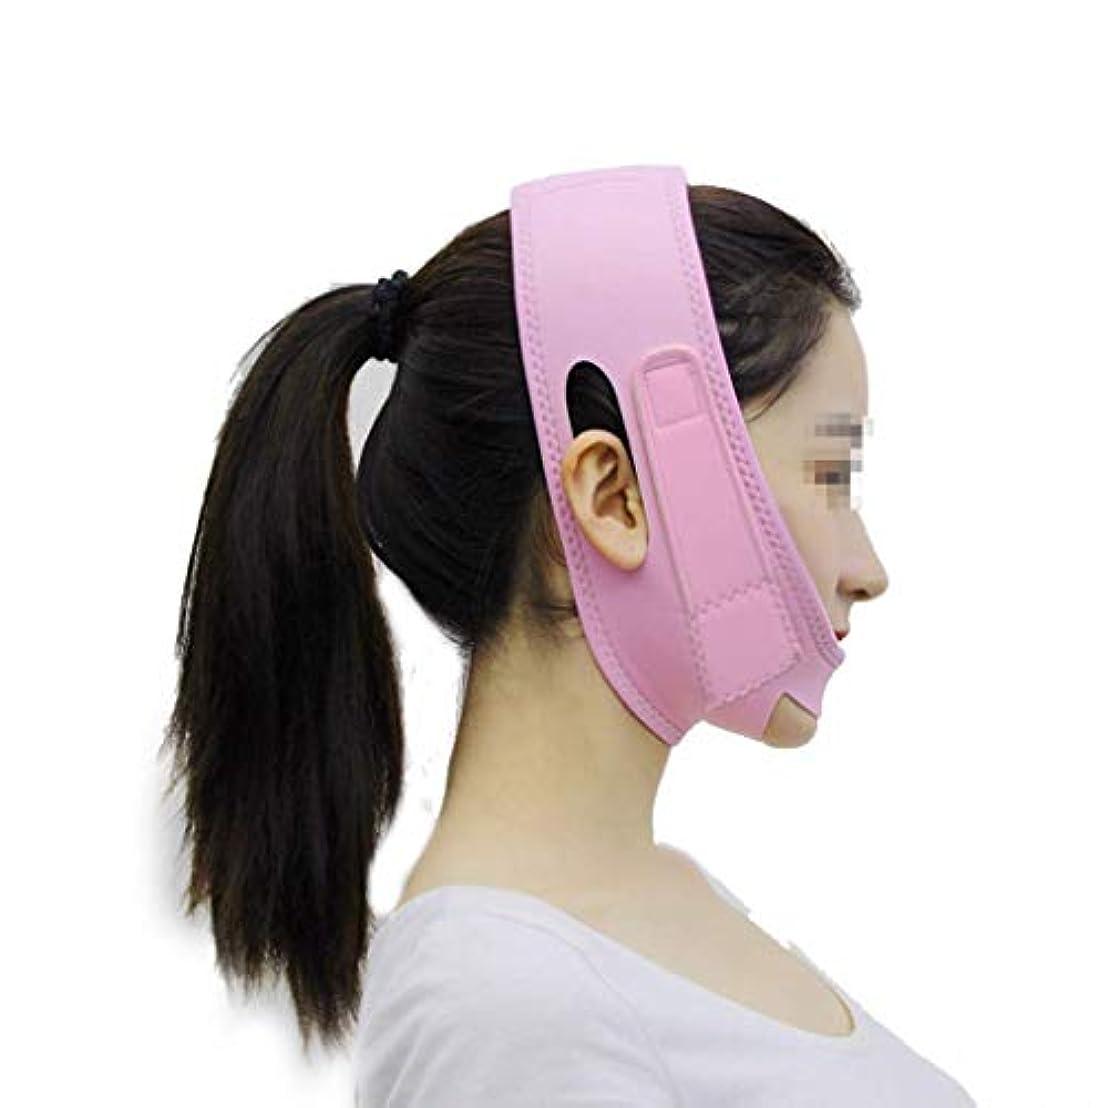 タイヤミュート複合スリーピングフェイスマスク、ライン彫刻形状で包帯包帯ツールV顔にダブルチンピンク